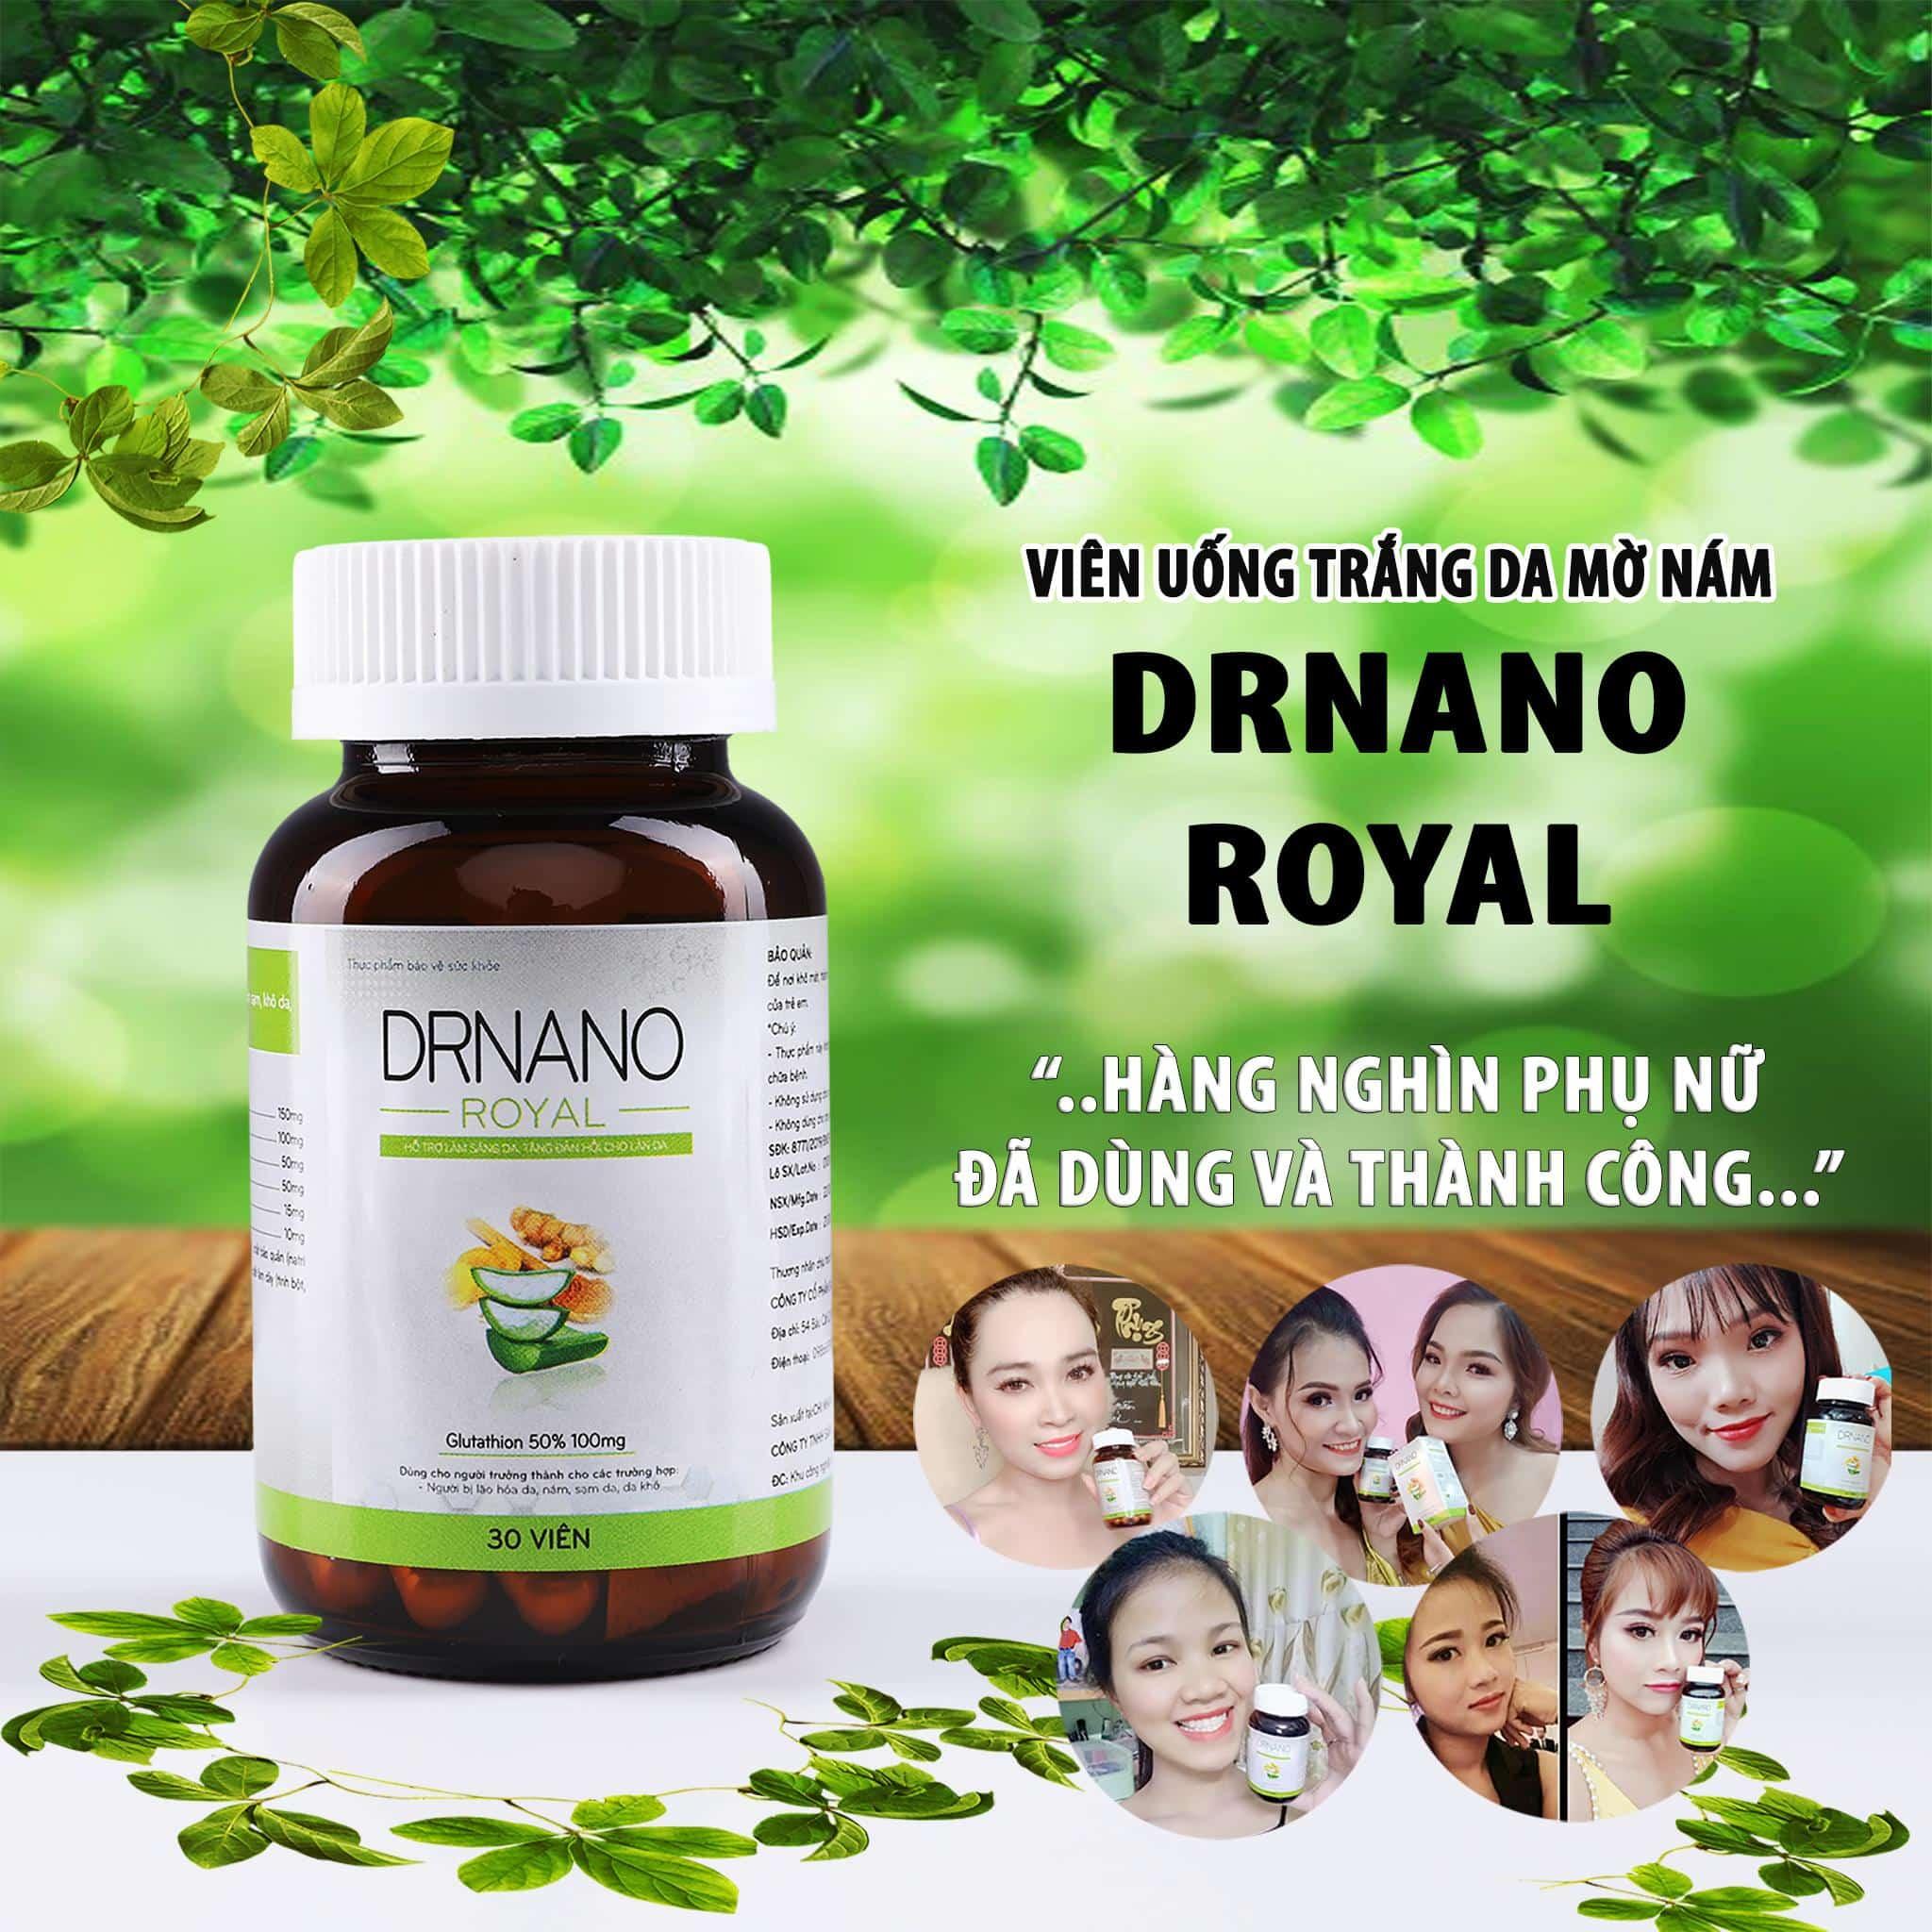 VIÊN UỐNG TRẮNG DA DR NANO ROYAL HOT 2021